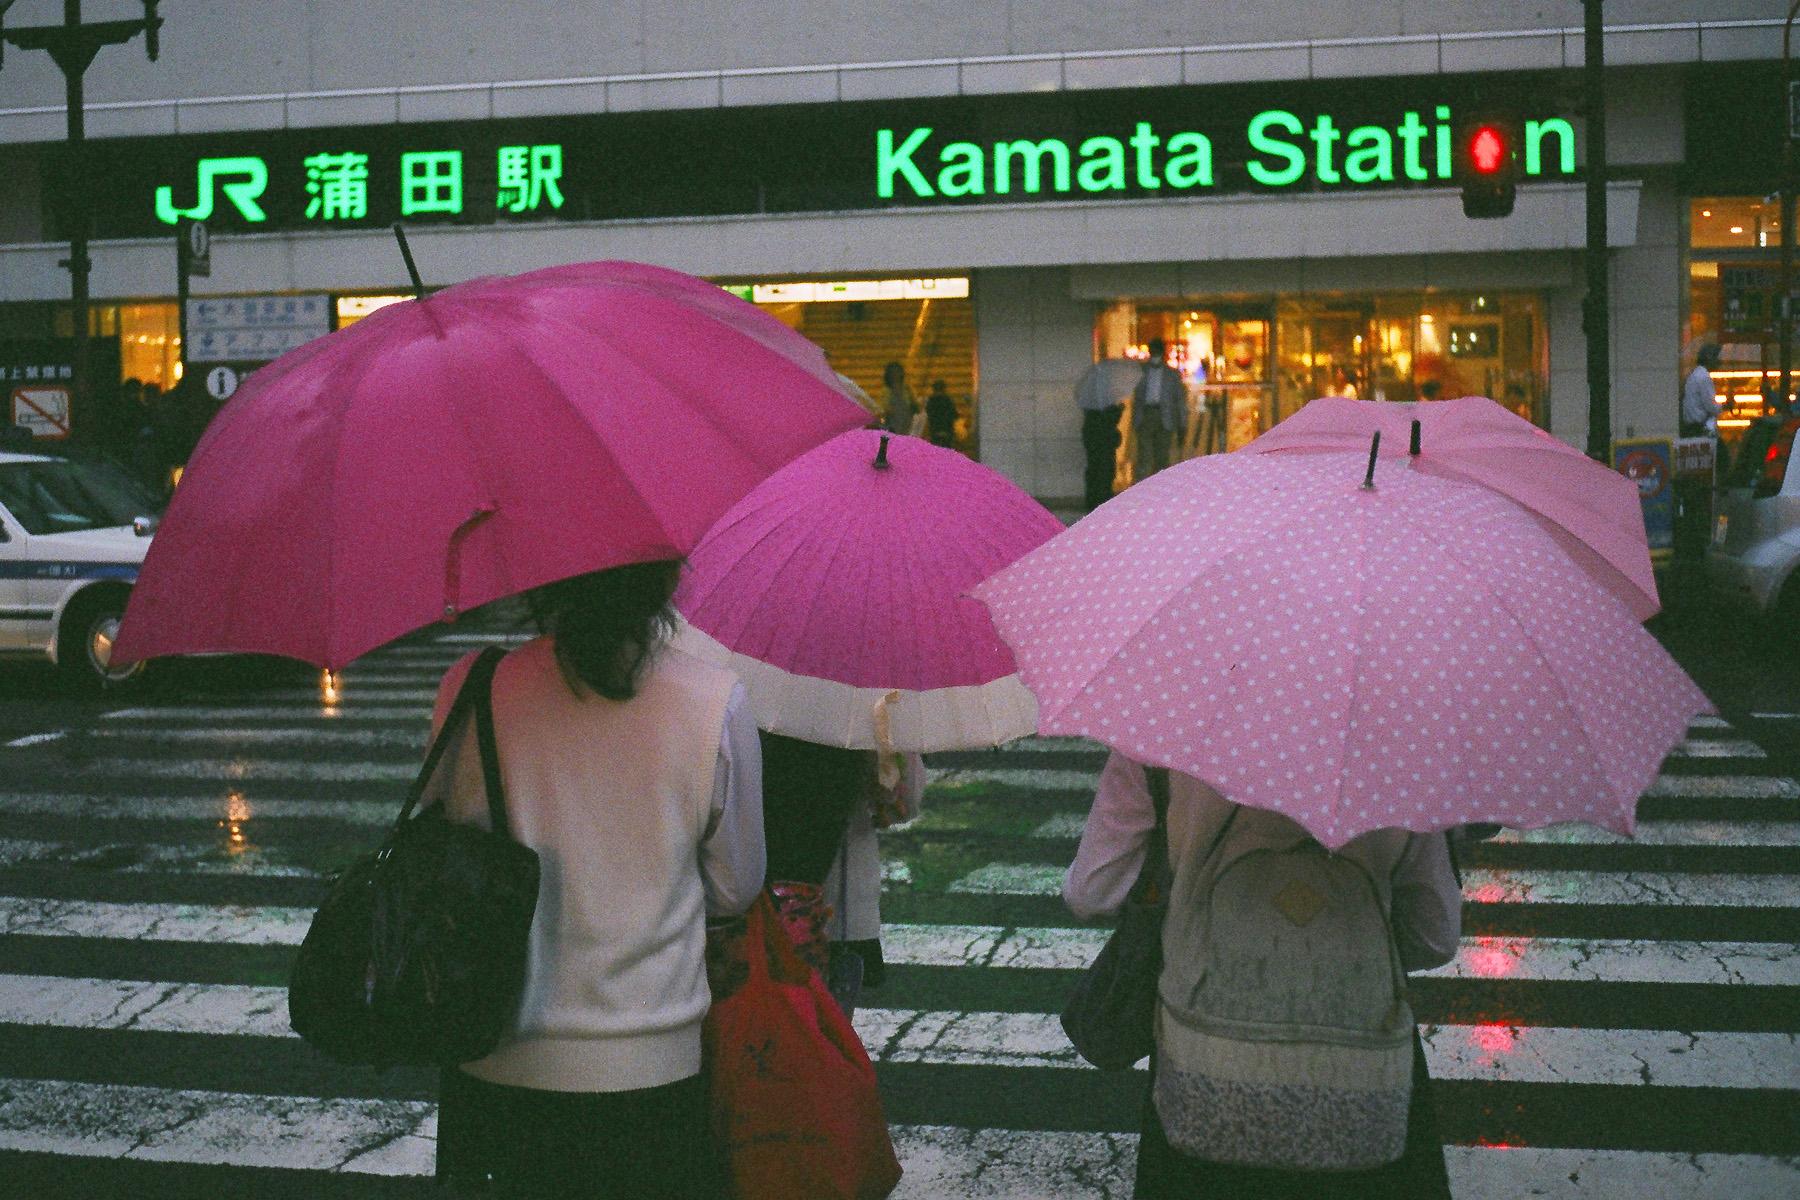 051 蒲田駅東口 大田区蒲田5 20140606(14.13.24)